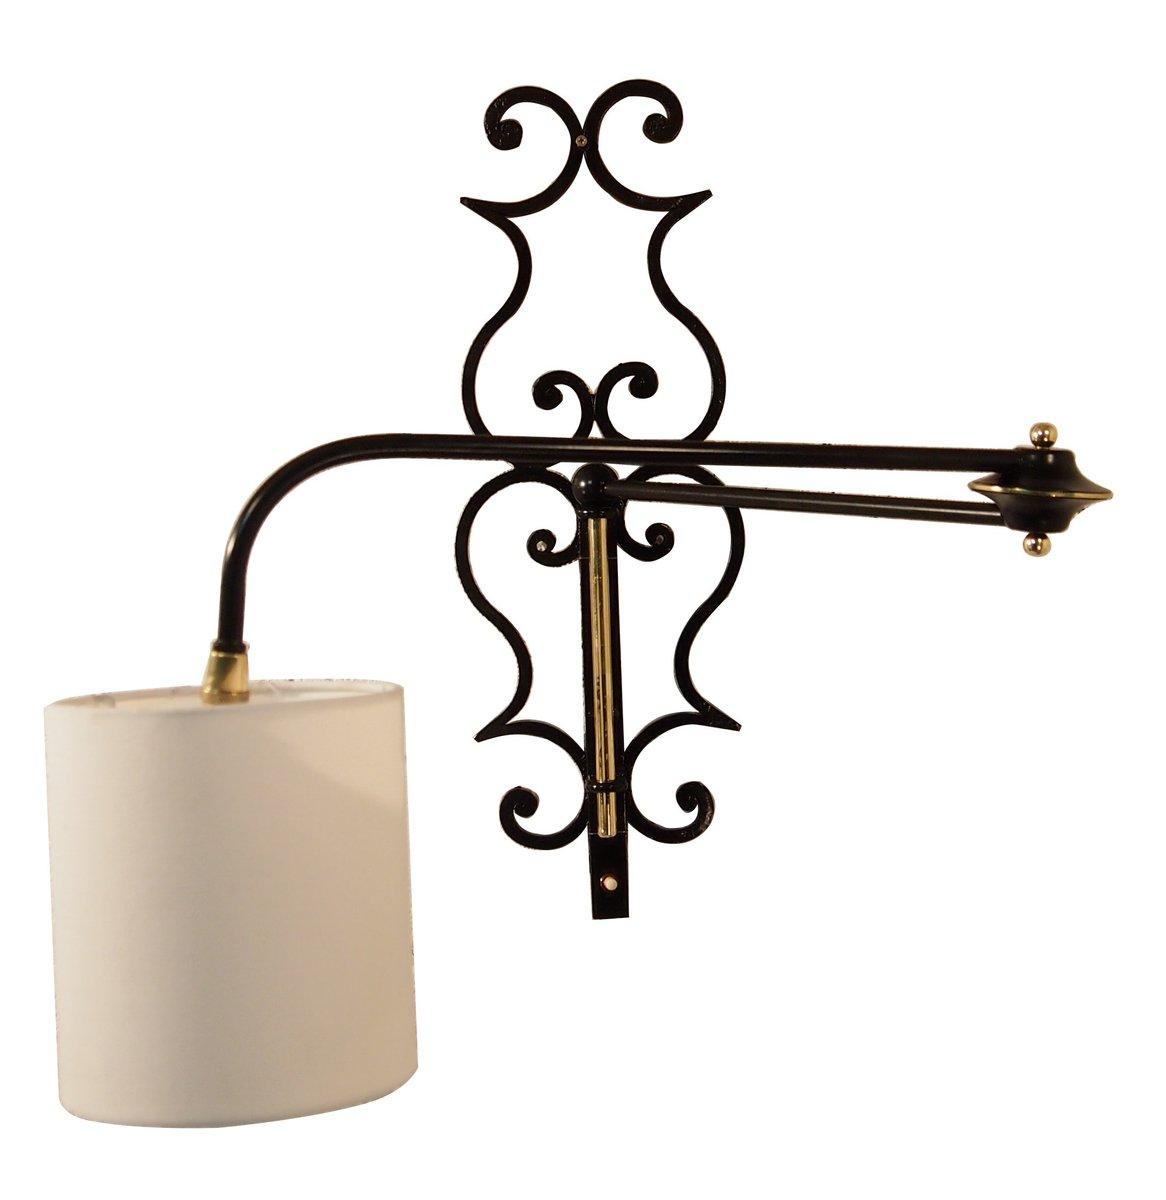 Applique da parete regolabile in ferro battuto e ottone 1956 in vendita su pamono - Applique da parete in ferro battuto ...